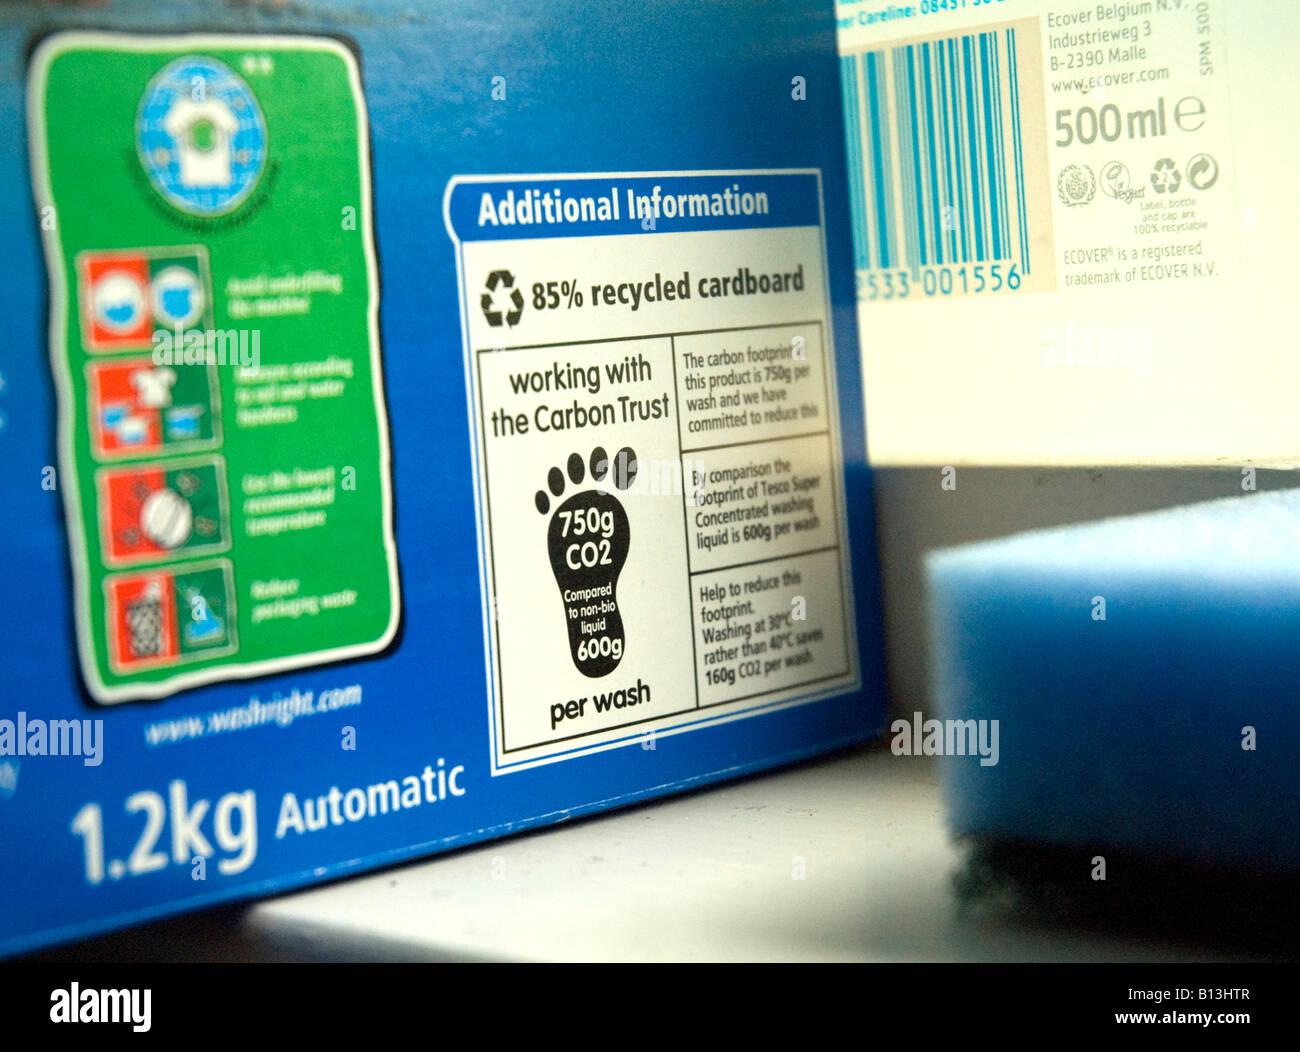 Etichetta con emissioni di anidride carbonica su Tesco detersivo in polvere sviluppato dalla Carbon Trust per contribuire Immagini Stock